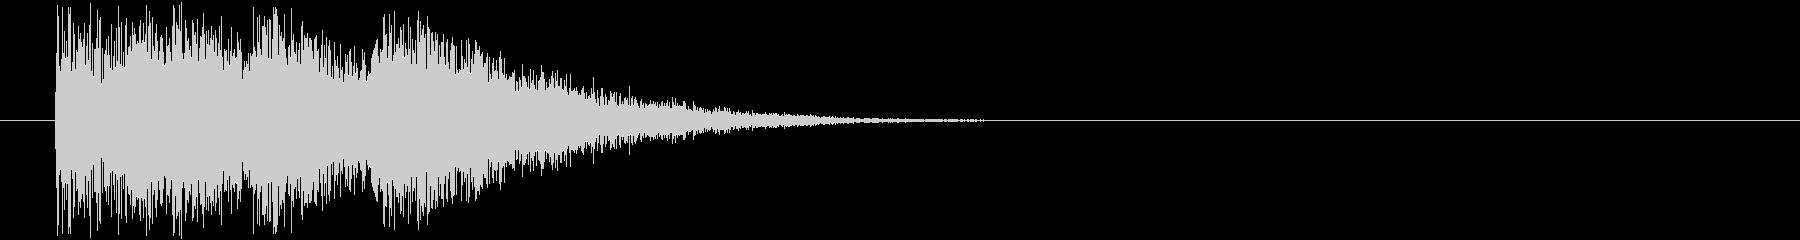 ジングル_To be continuedの未再生の波形